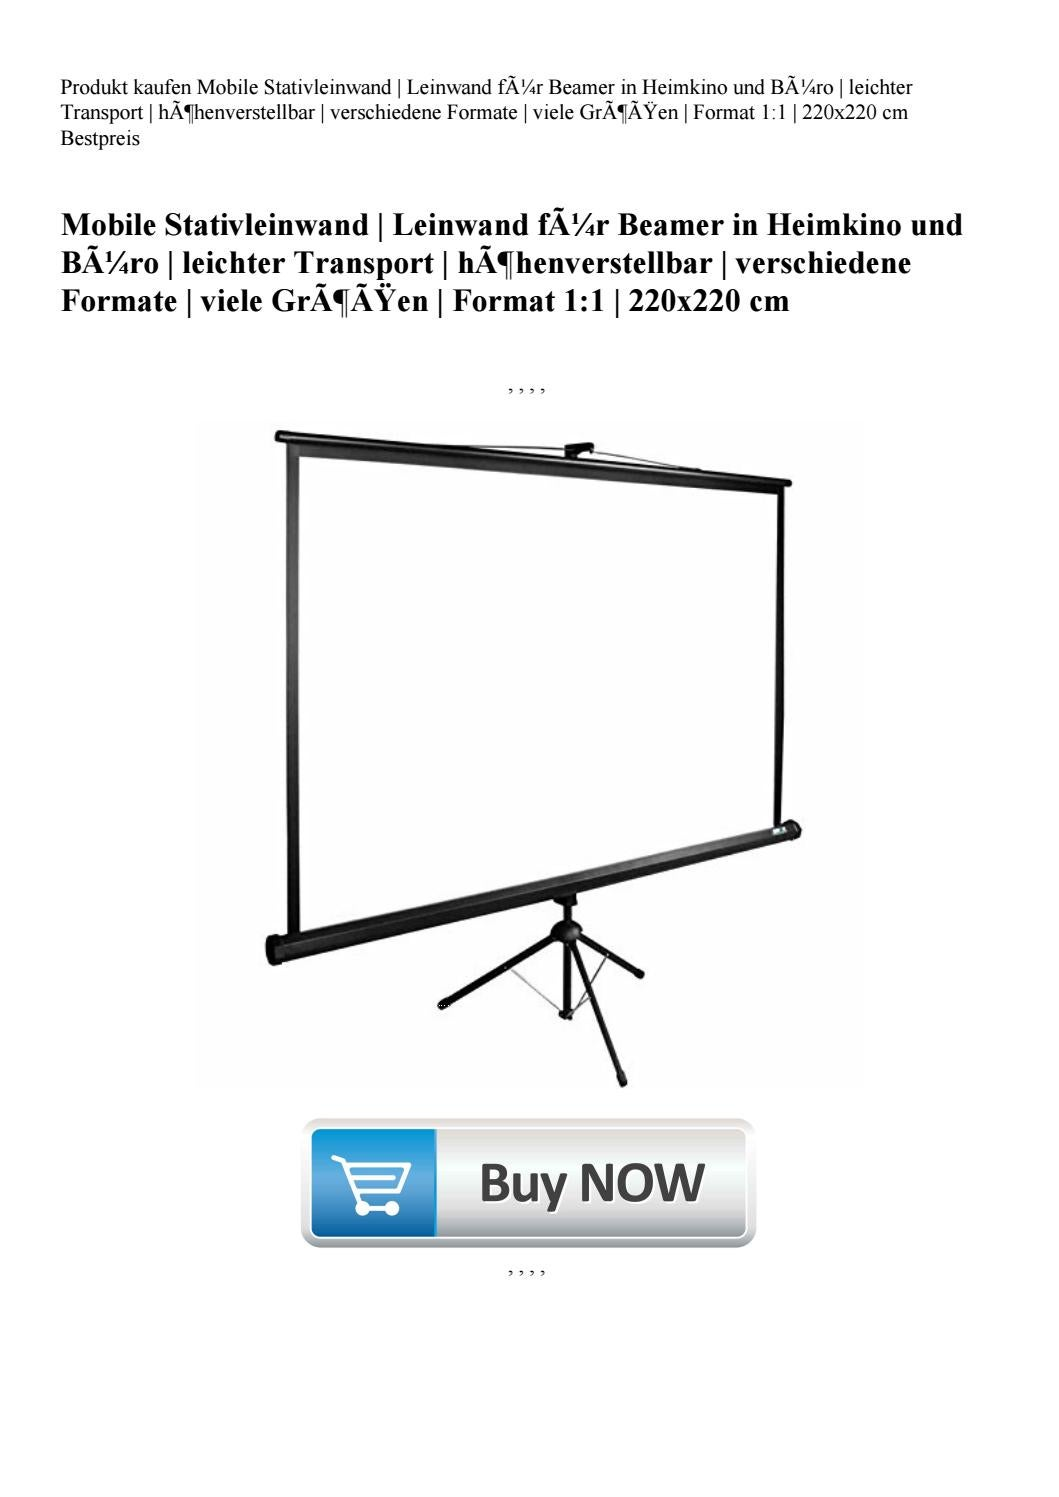 Mobile Stativleinwand 220x165 cm Format 4:3 Leinwand f/ür Beamer in Heimkino und B/üro leichter Transport h/öhenverstellbar verschiedene Formate viele Gr/ö/ßen